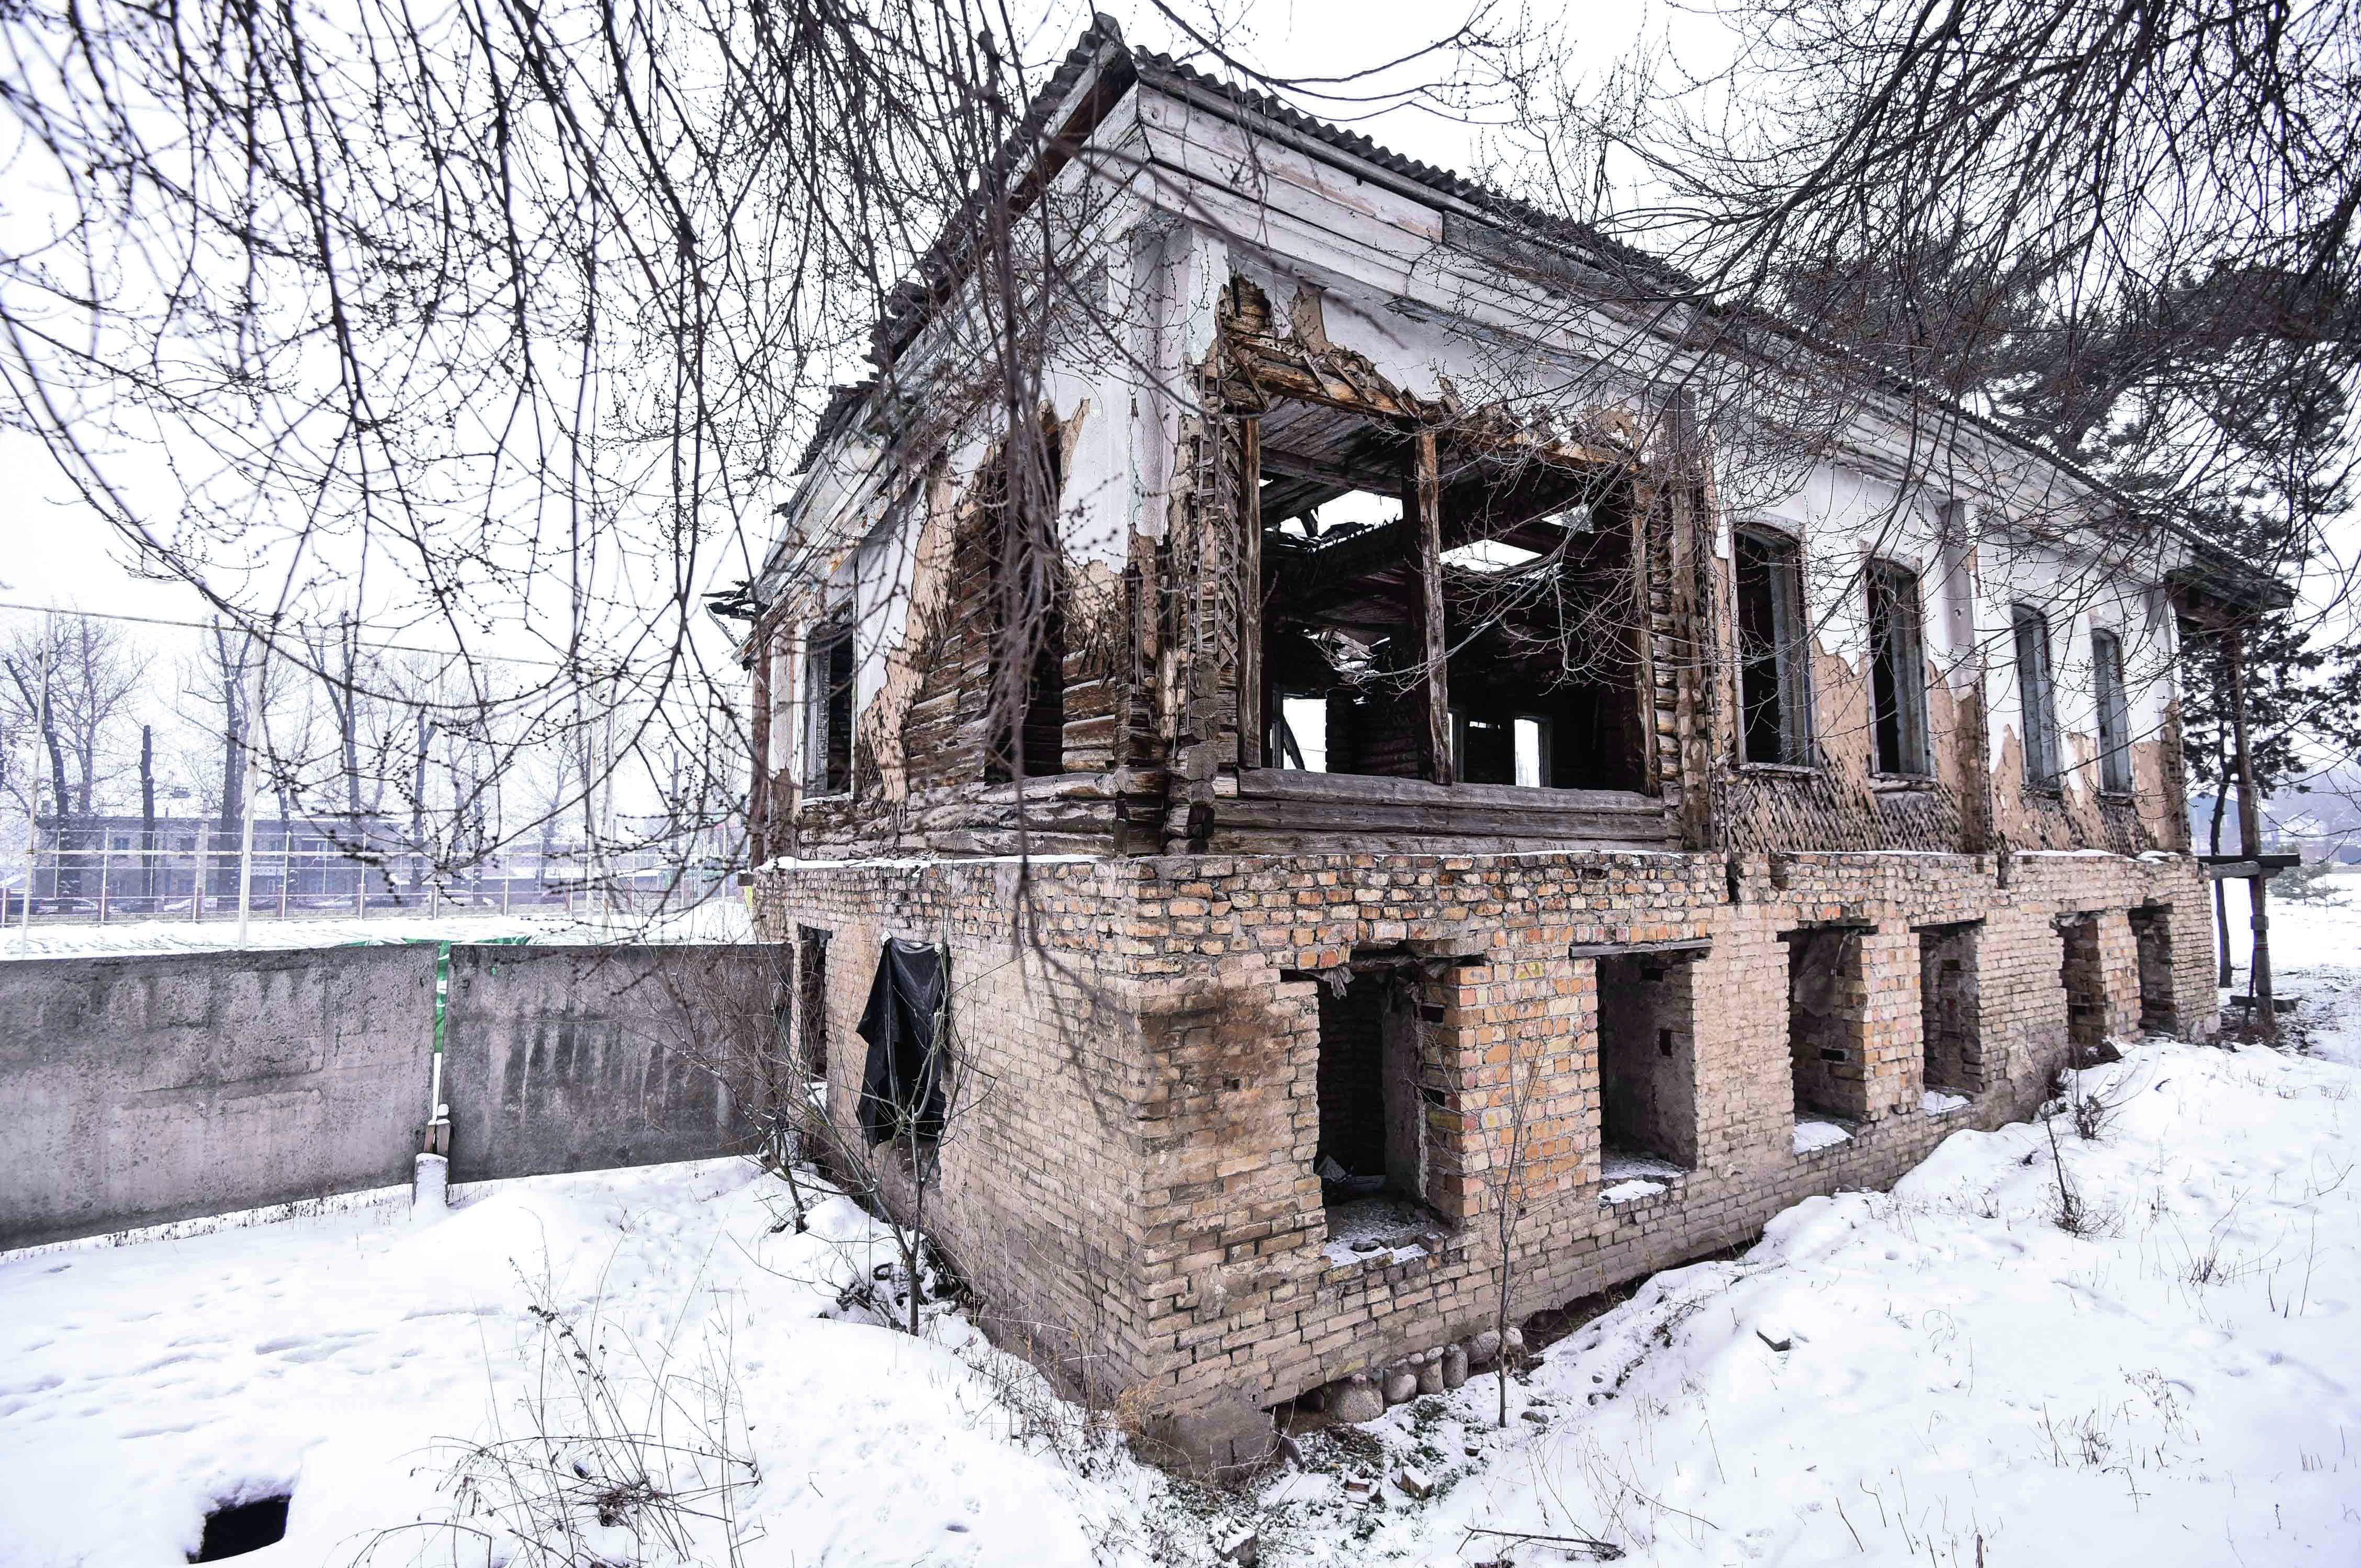 Дом является архитектурным памятником XIX века и состоит на балансе Министерства культуры, информации и туризма.